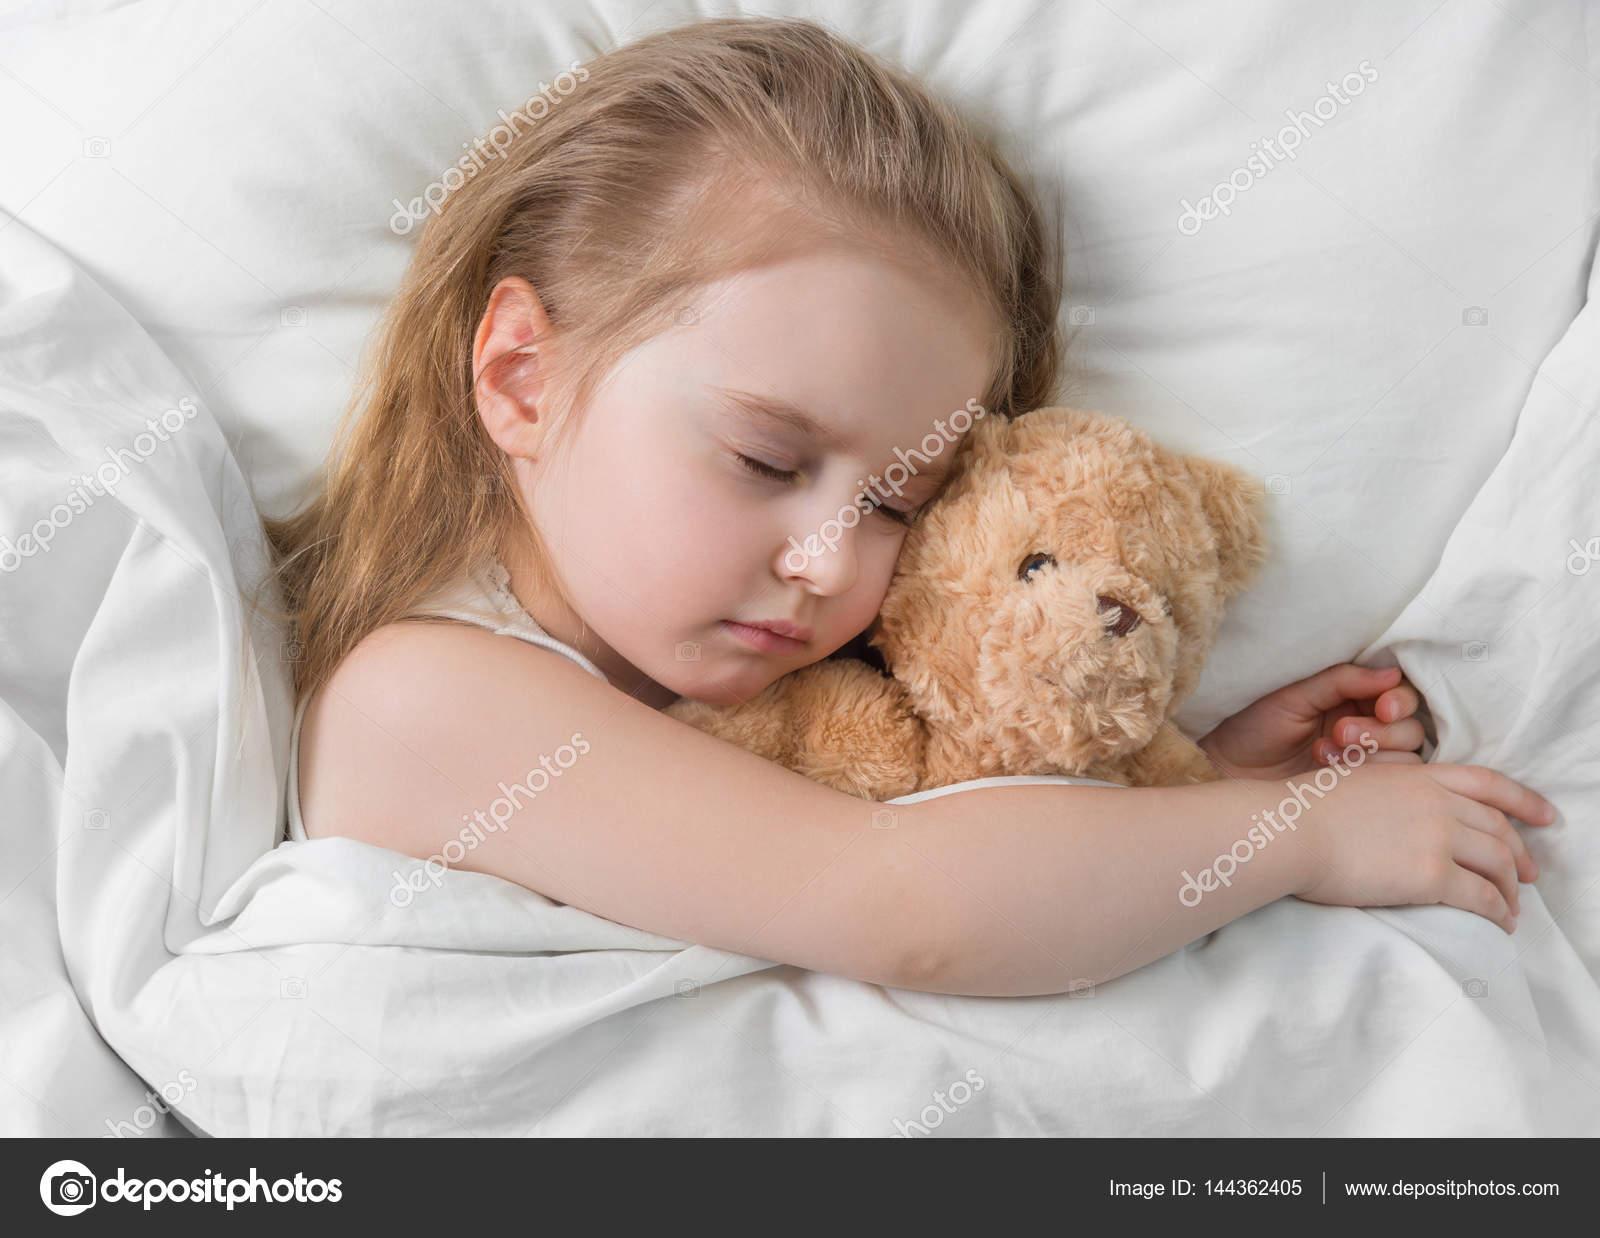 Подписать фото спящий ребенок